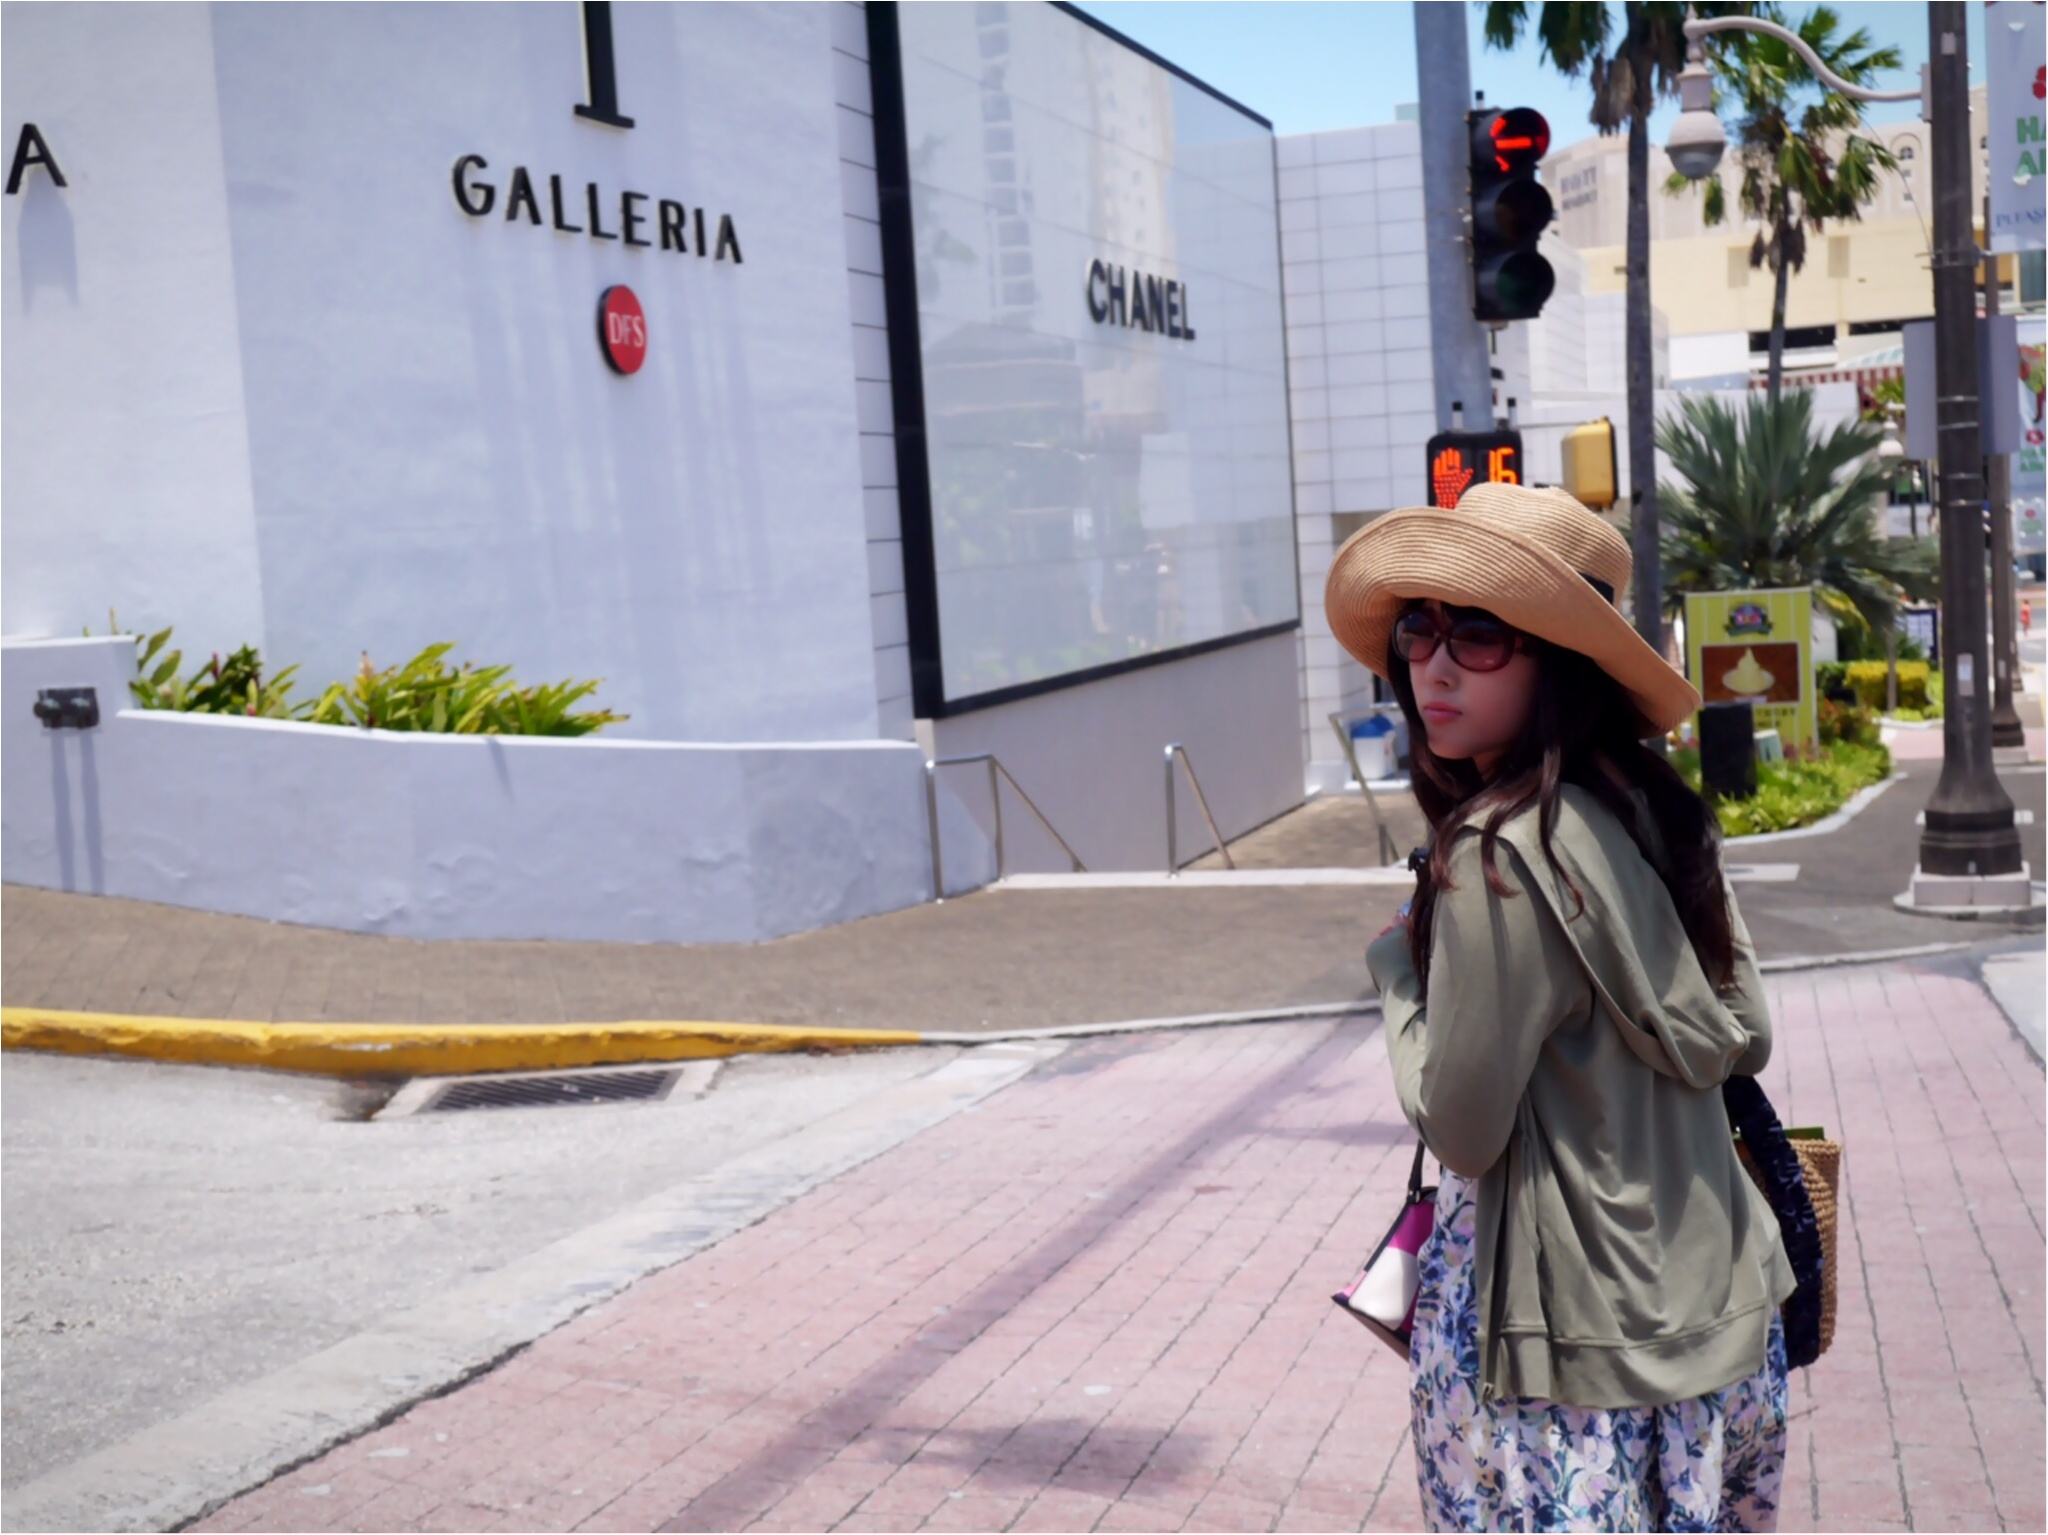 グアム女子旅特集《2019年版》- 旅する女子がおすすめするカフェやグルメ、インスタ映えスポット、ホテルまとめ_65